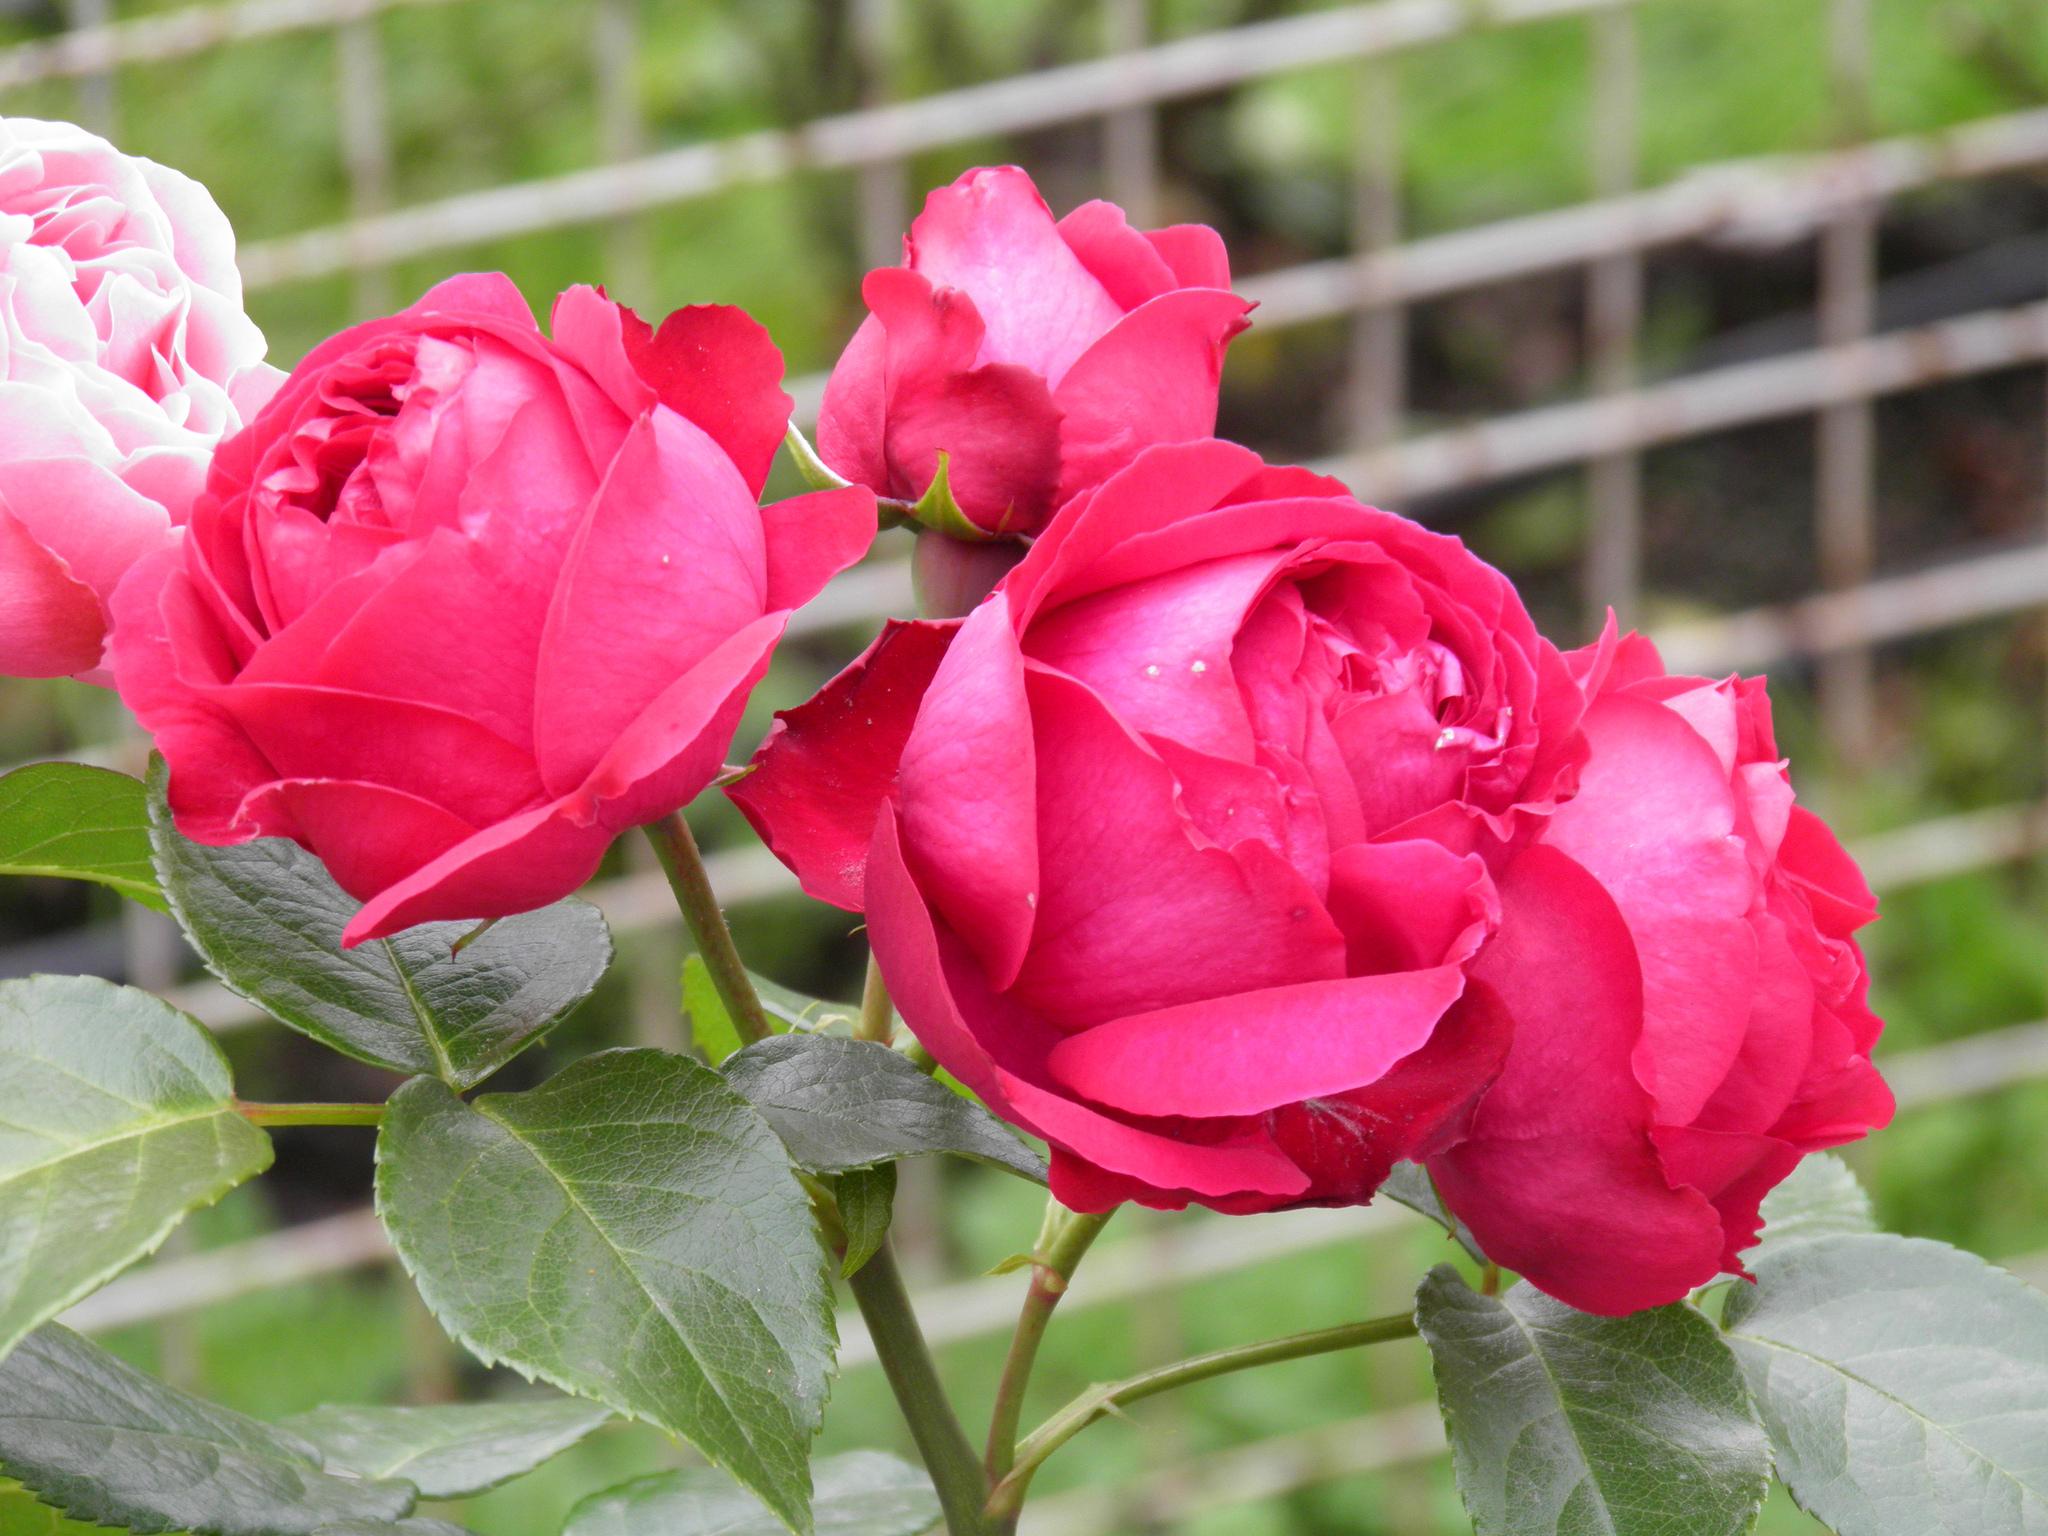 بالصور اجمل وردة في العالم , الورد وما اجمل الورود 3587 7